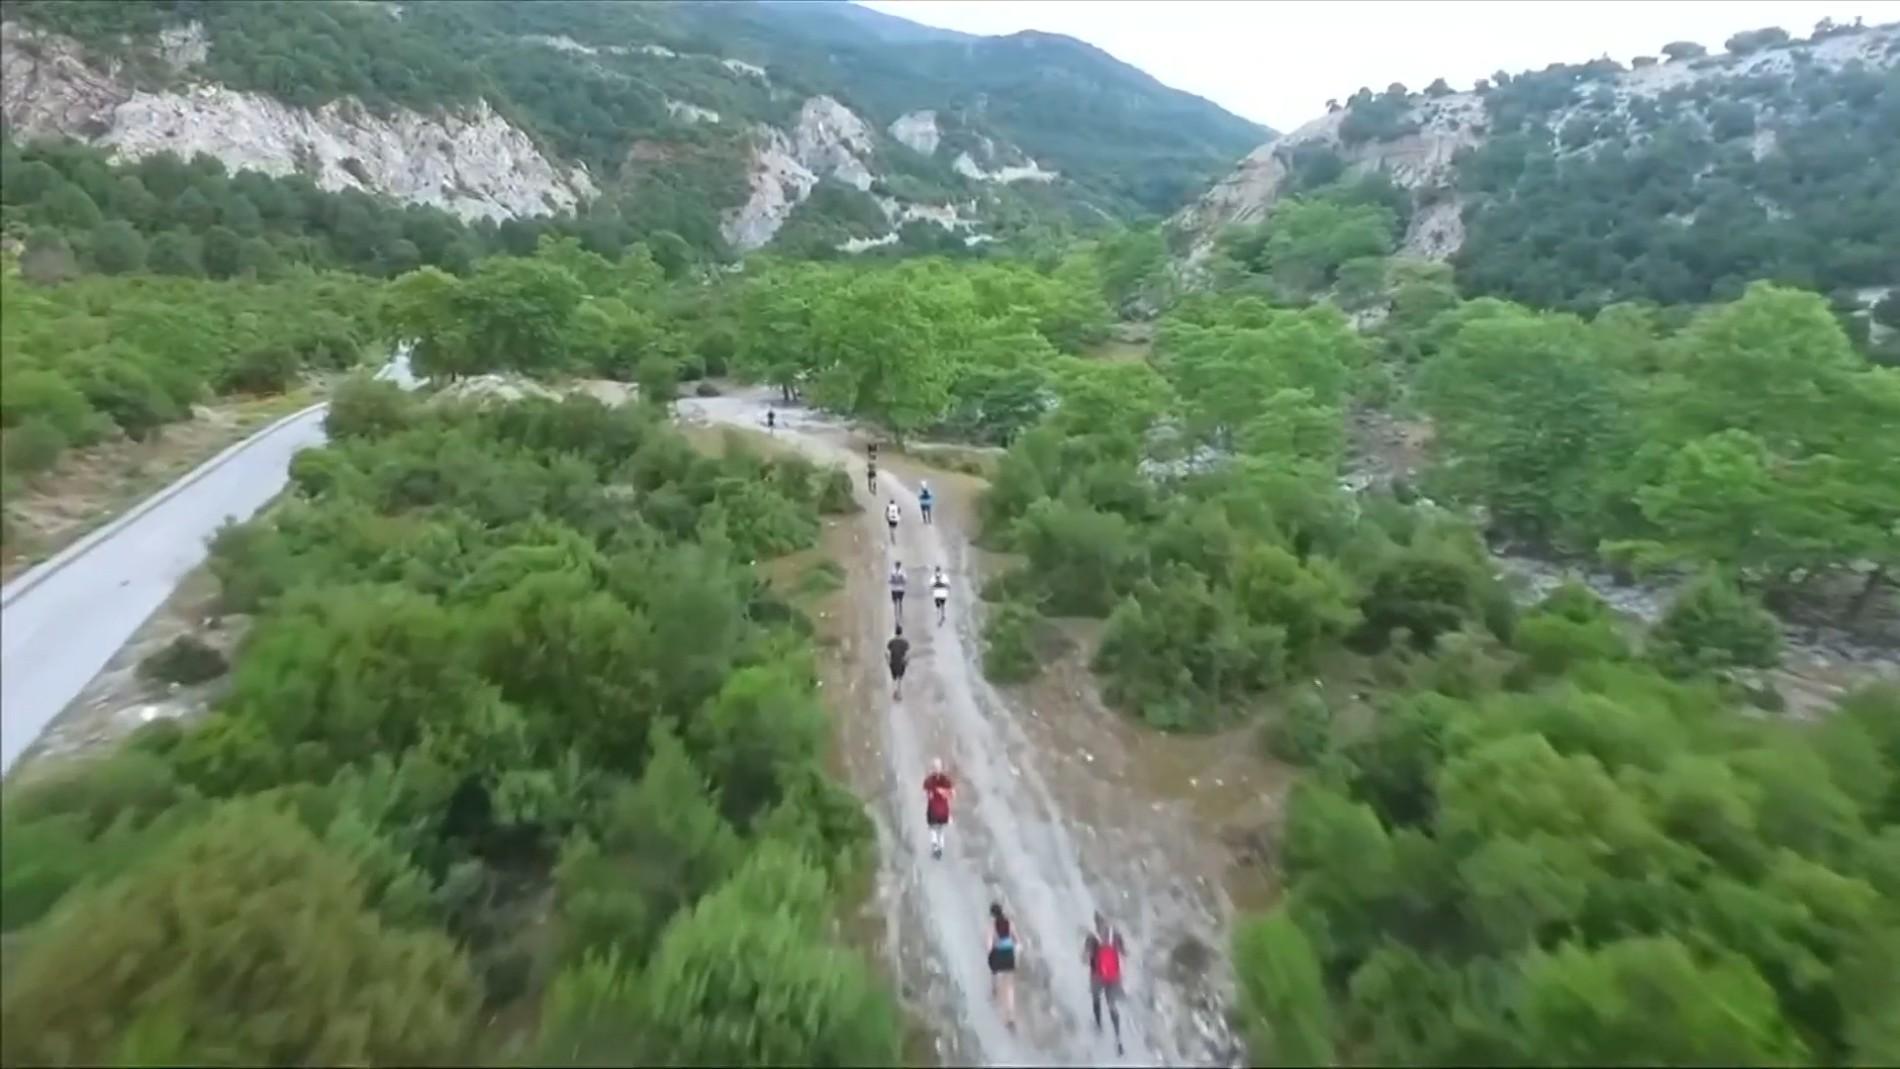 bestbewertetes Original offizieller Verkauf heiß-verkaufender Beamter Marathon auf dem Olymp: Laufen, wo die Götter wohnen